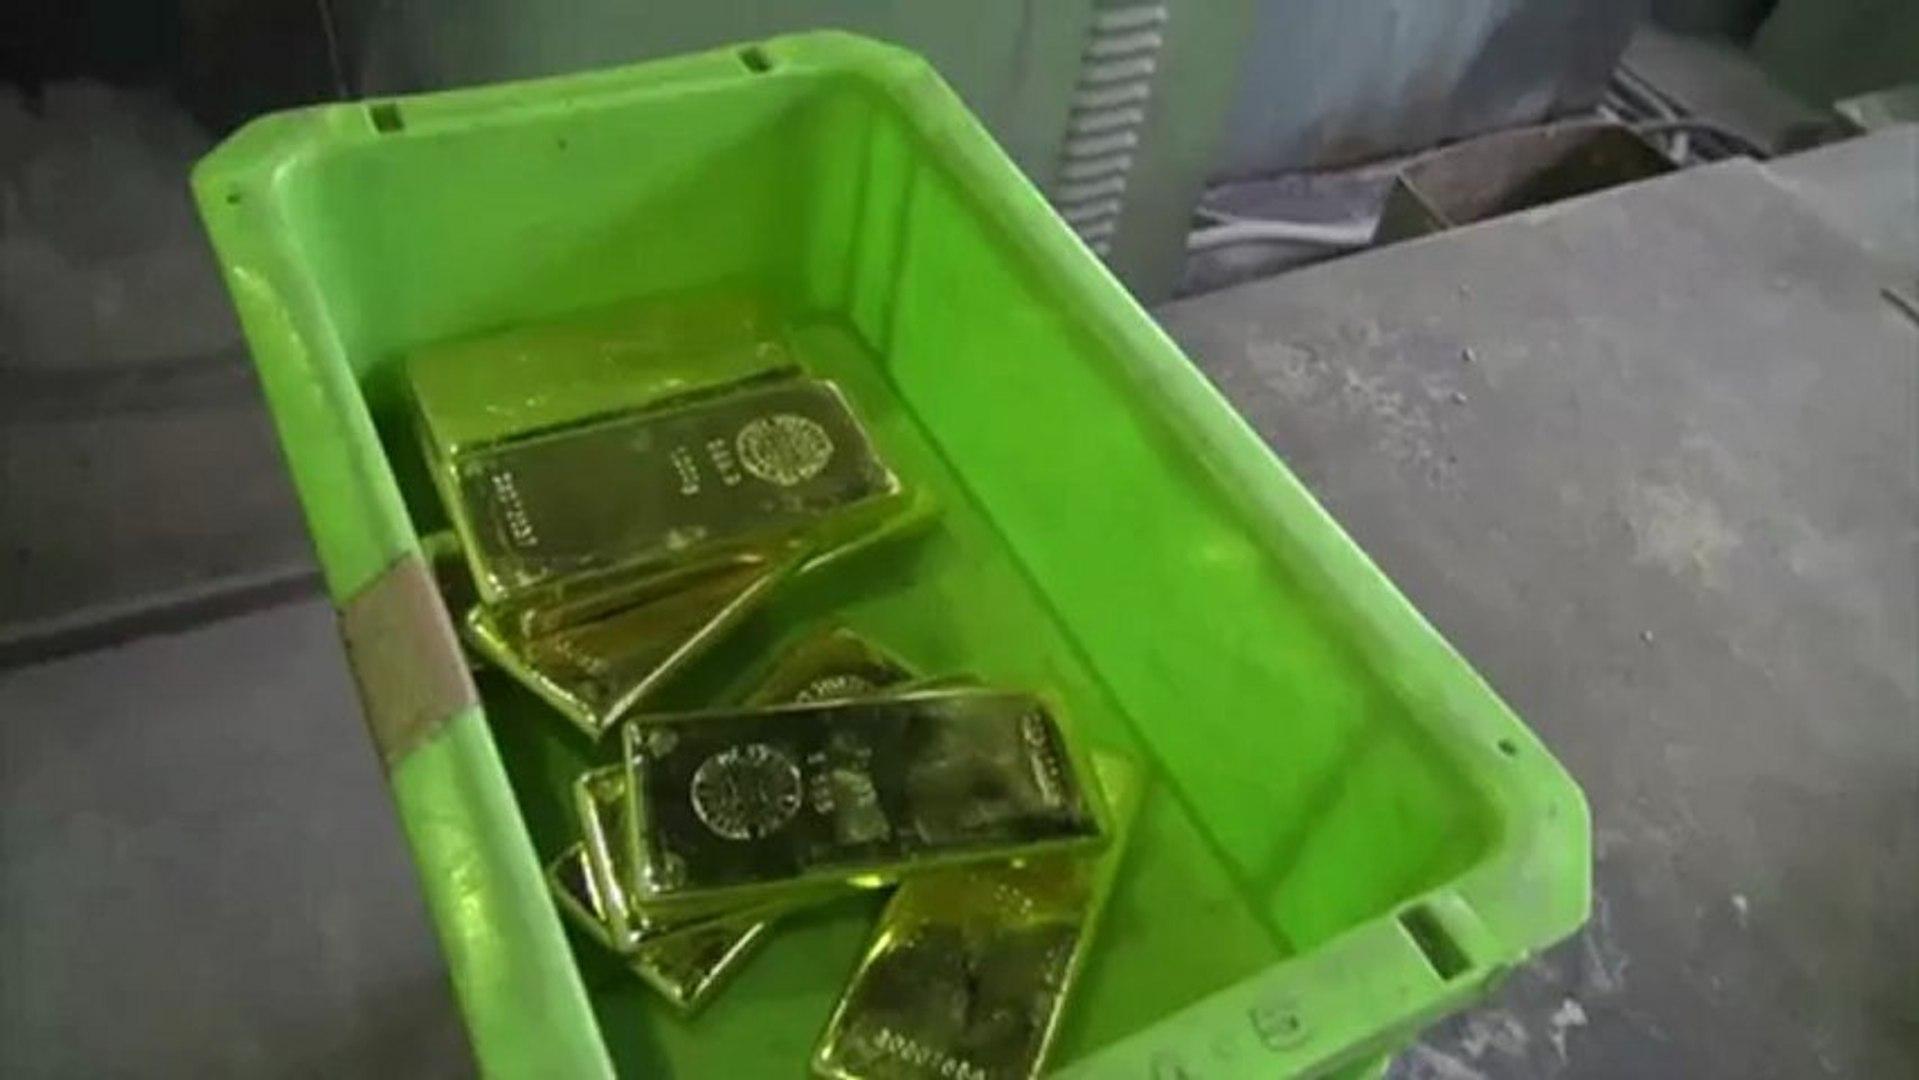 قدم ميسي اليسرى للبيع بـ4 ملايين يورو . . !  | HDpress.NeT |